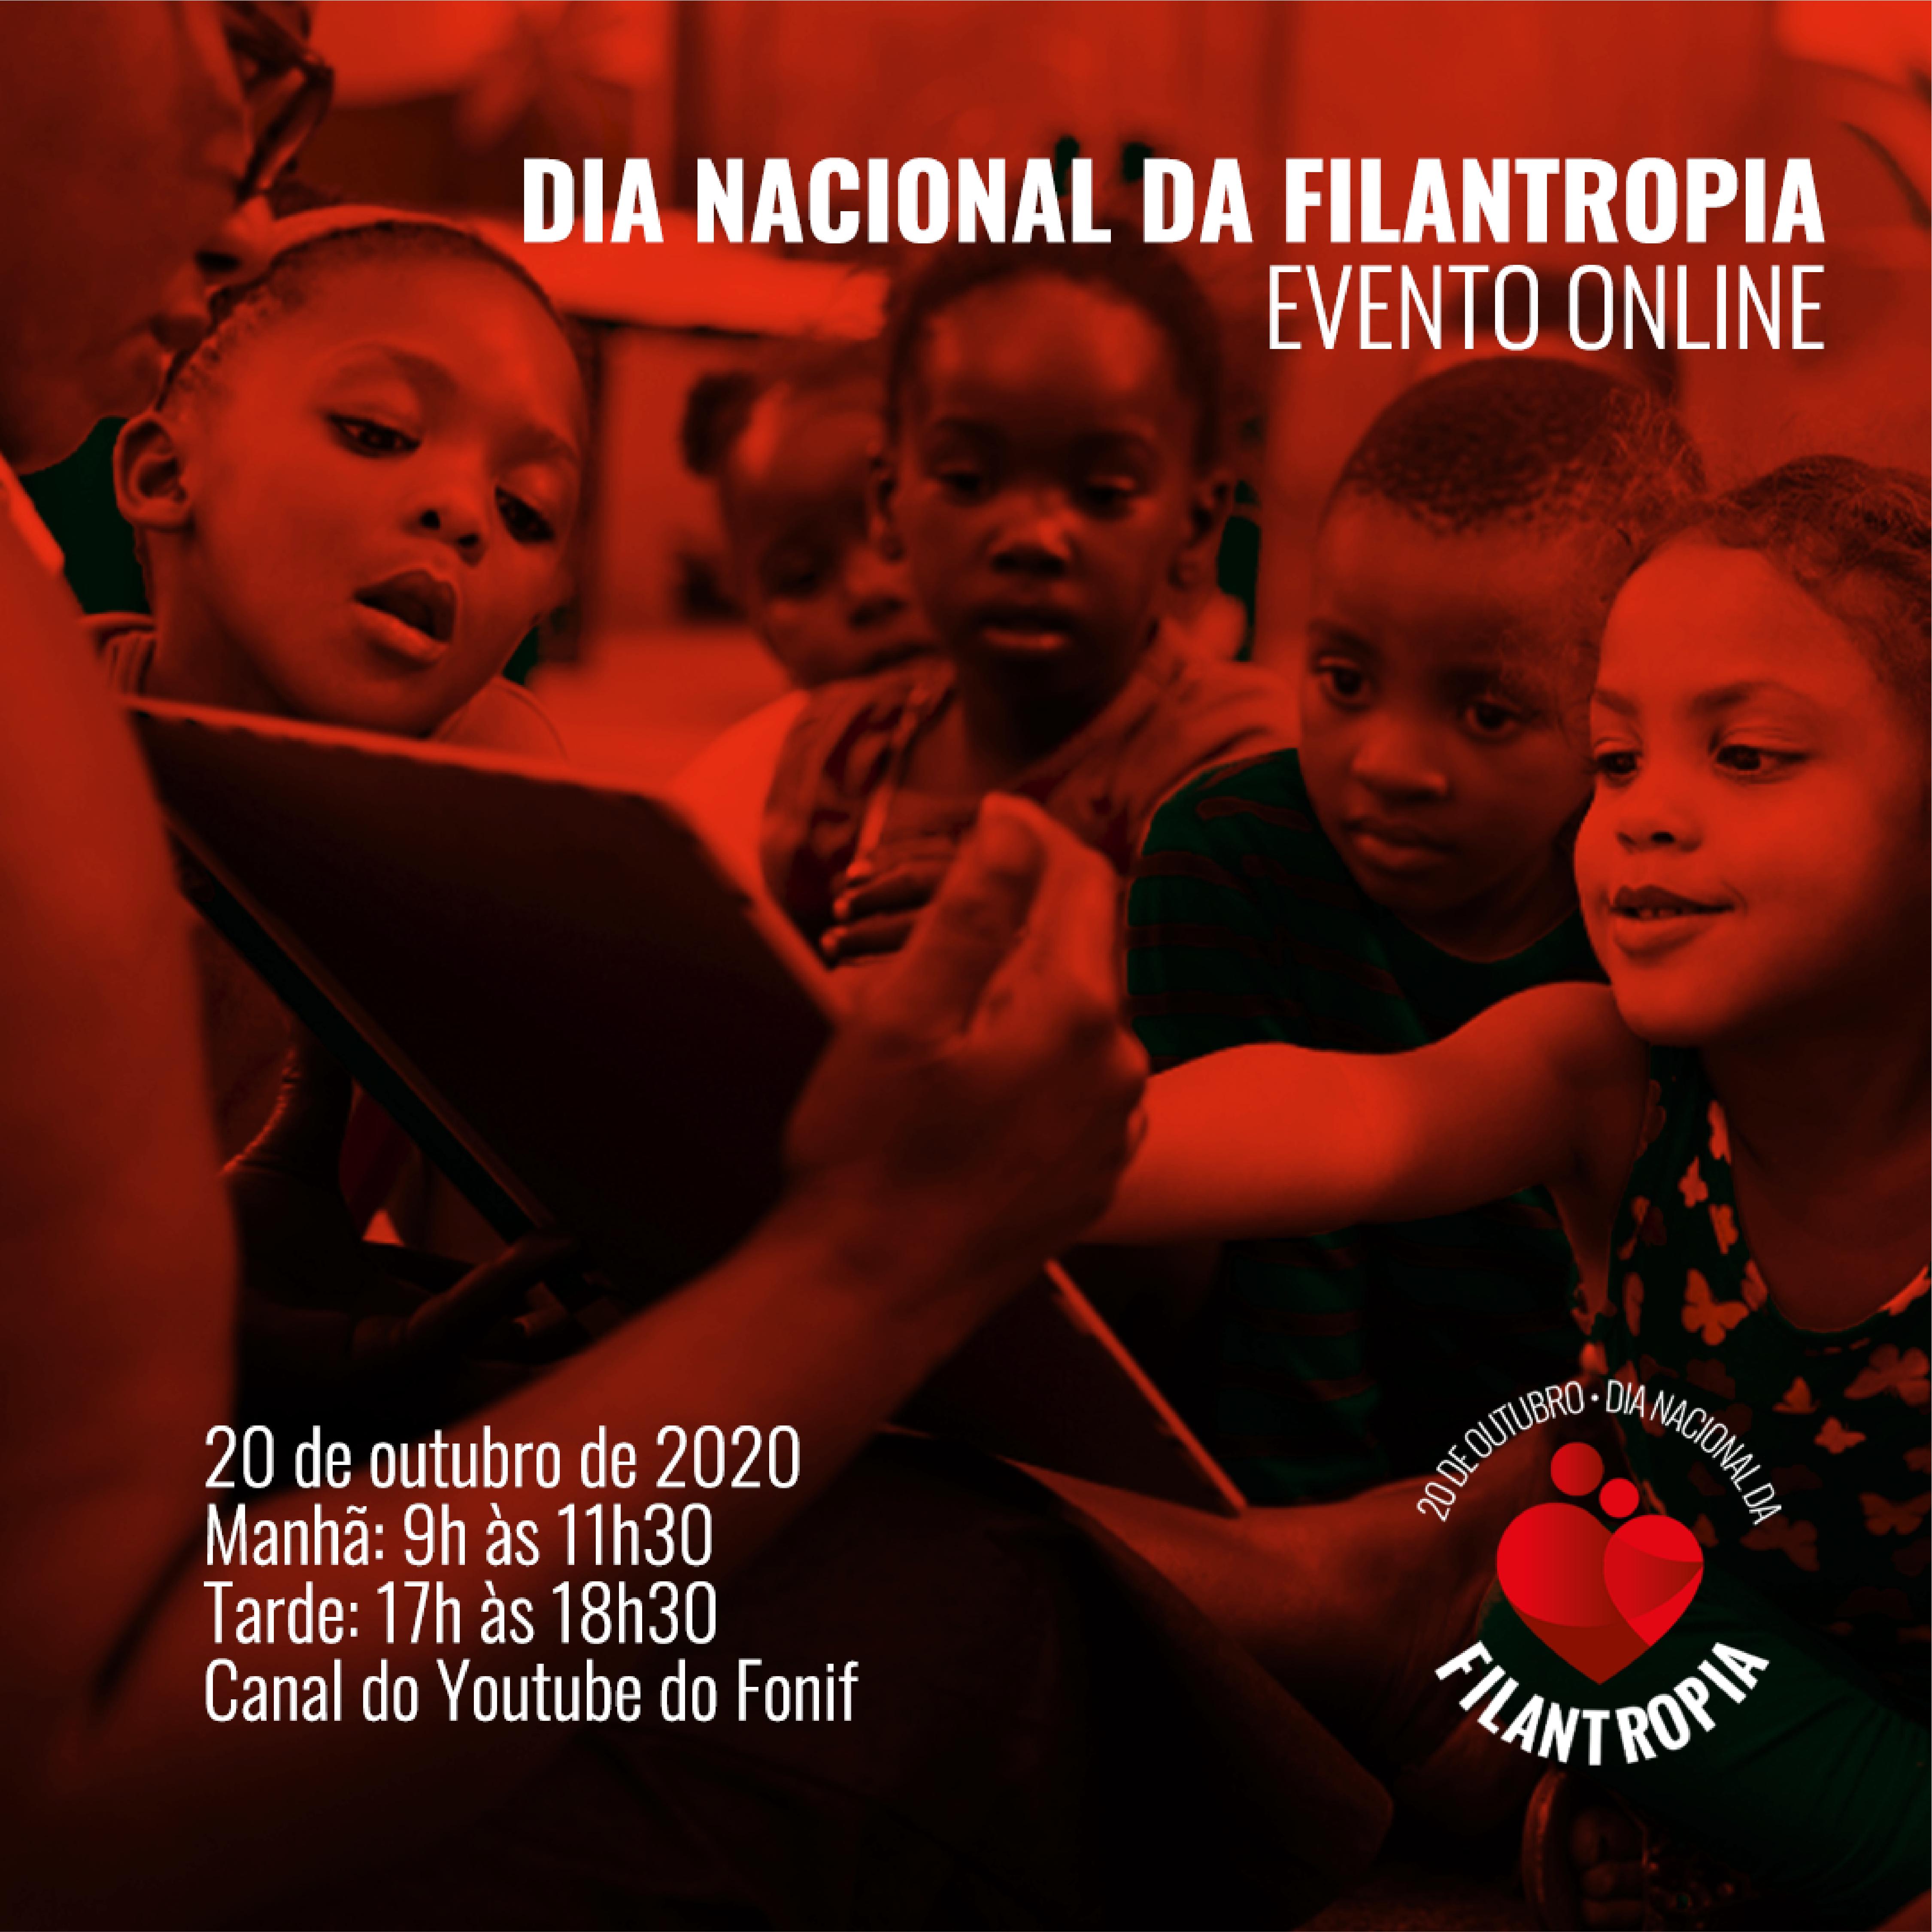 Comemorada em 20 de outubro, a data marca um movimento filantrópico que visa estimular ações voluntárias